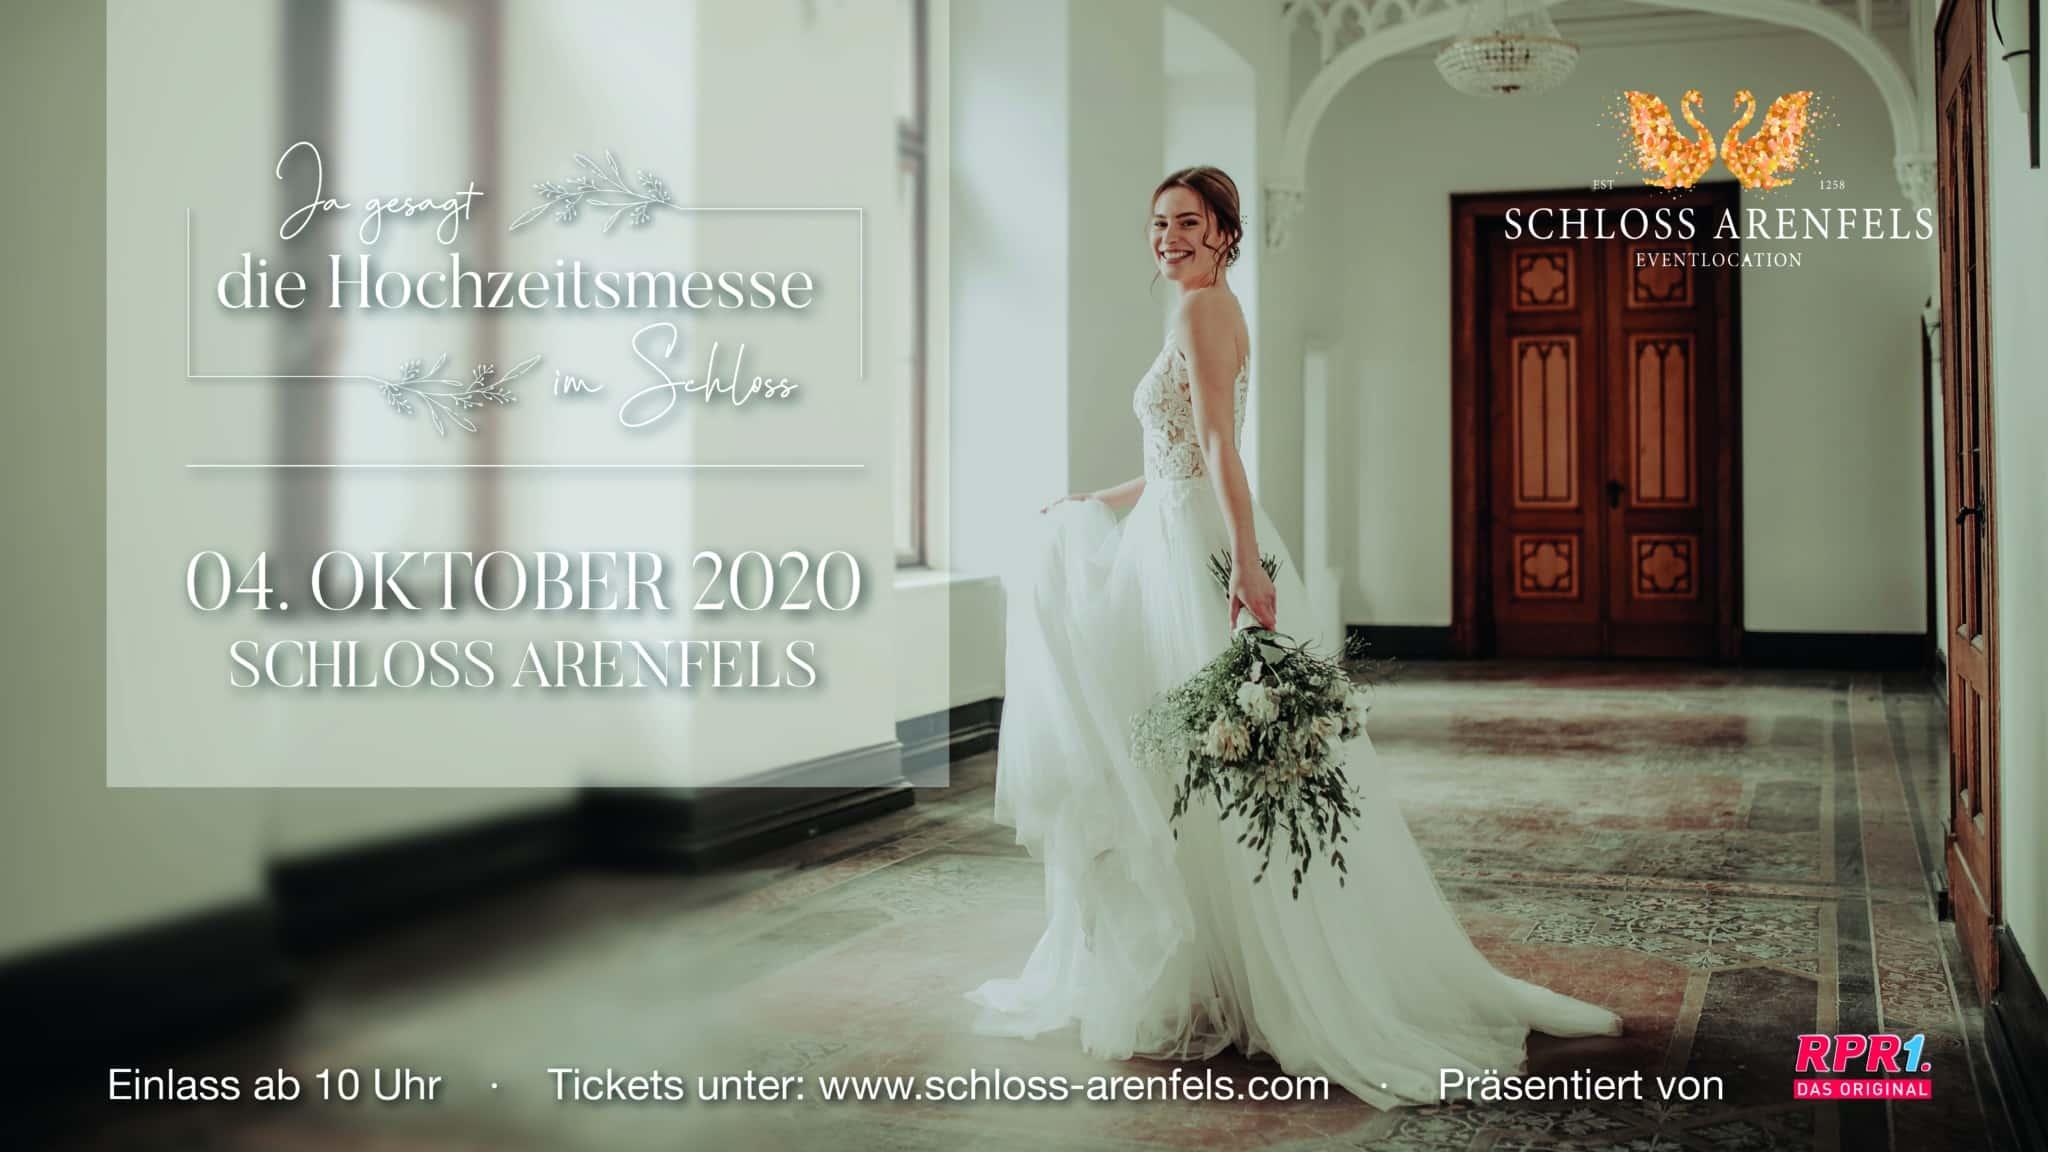 Hochzeitsmesse Schloss Ahrenfels 04.10.2020